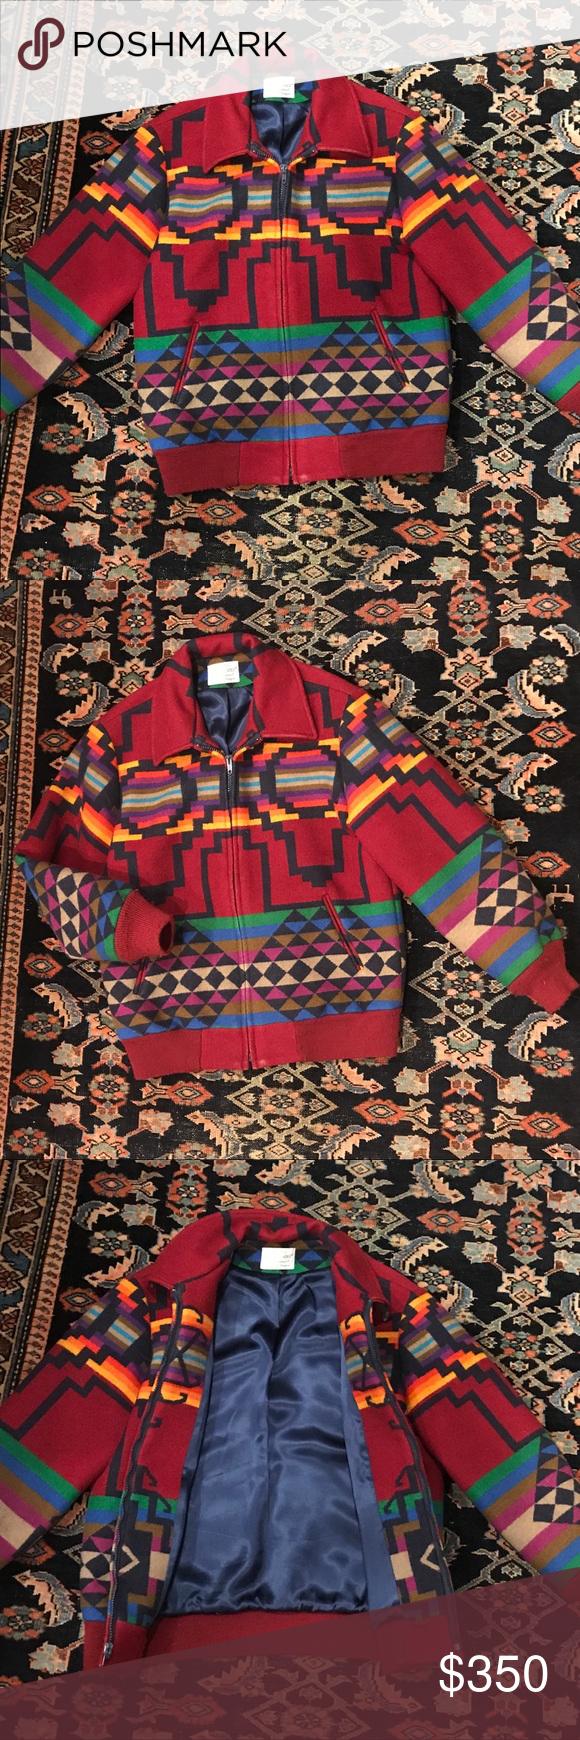 b7c735f10 RARE VTG Pendleton Aztec Print Wool Bomber Rare vintage vibrant ...